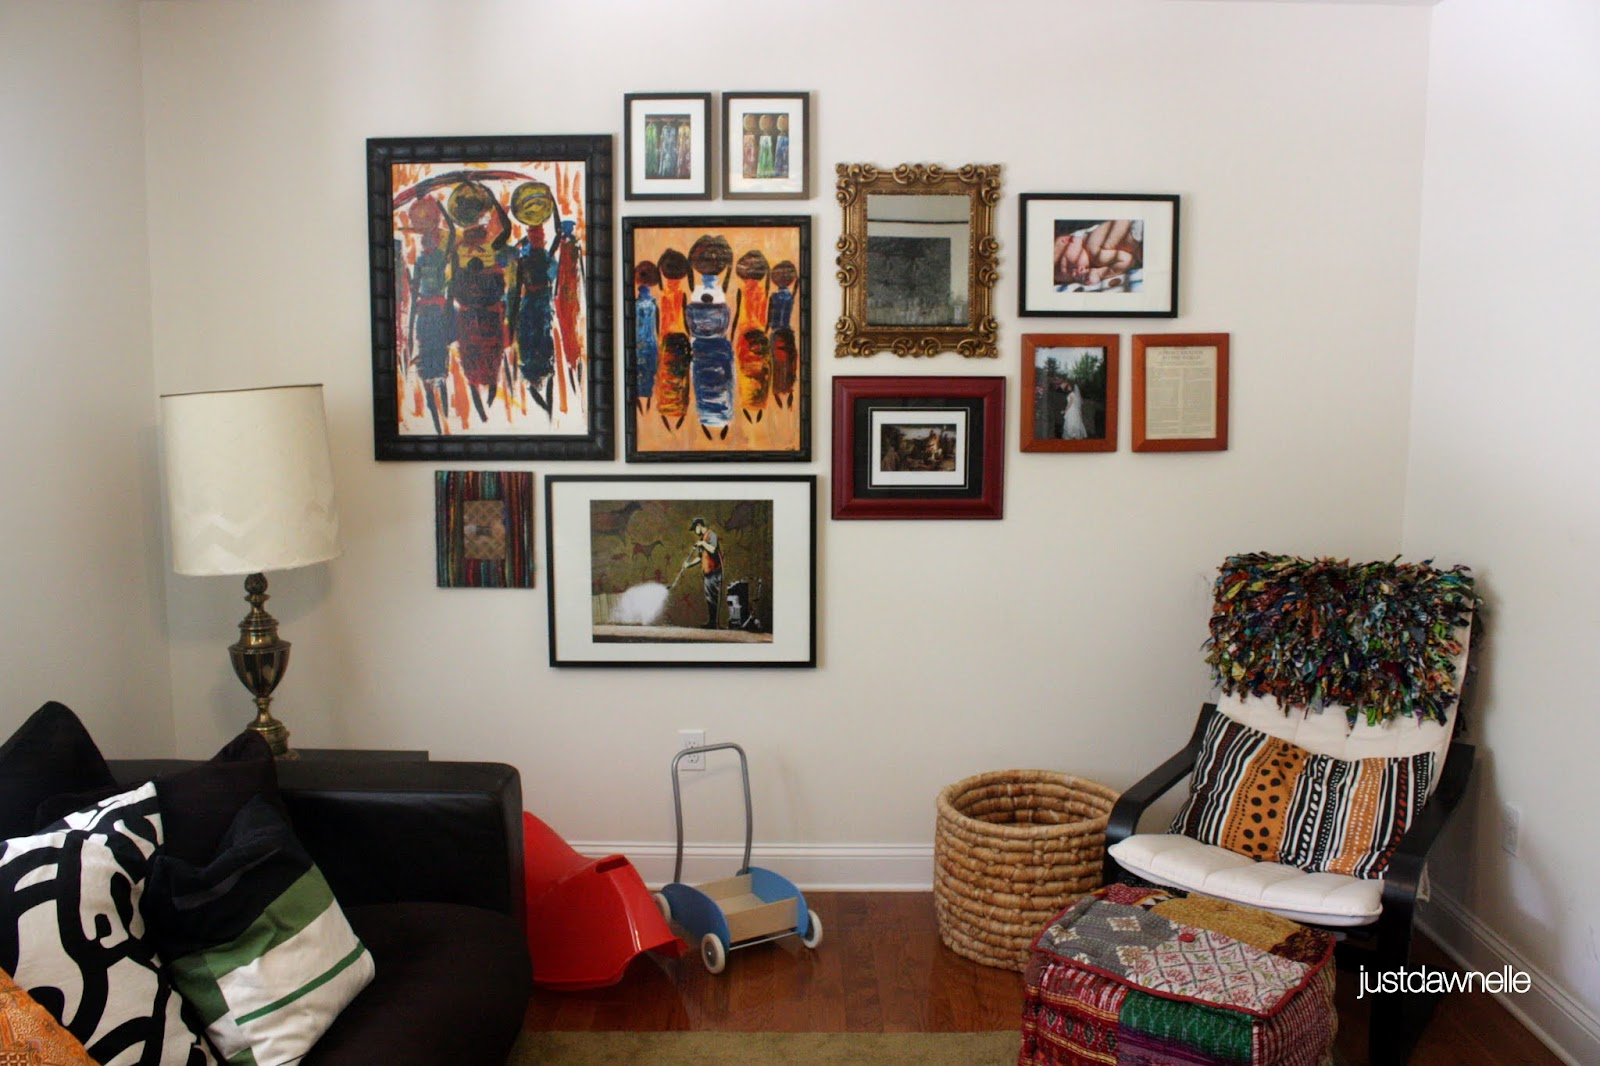 Just Dawnelle Living Room Sneak Peek Wall Collage